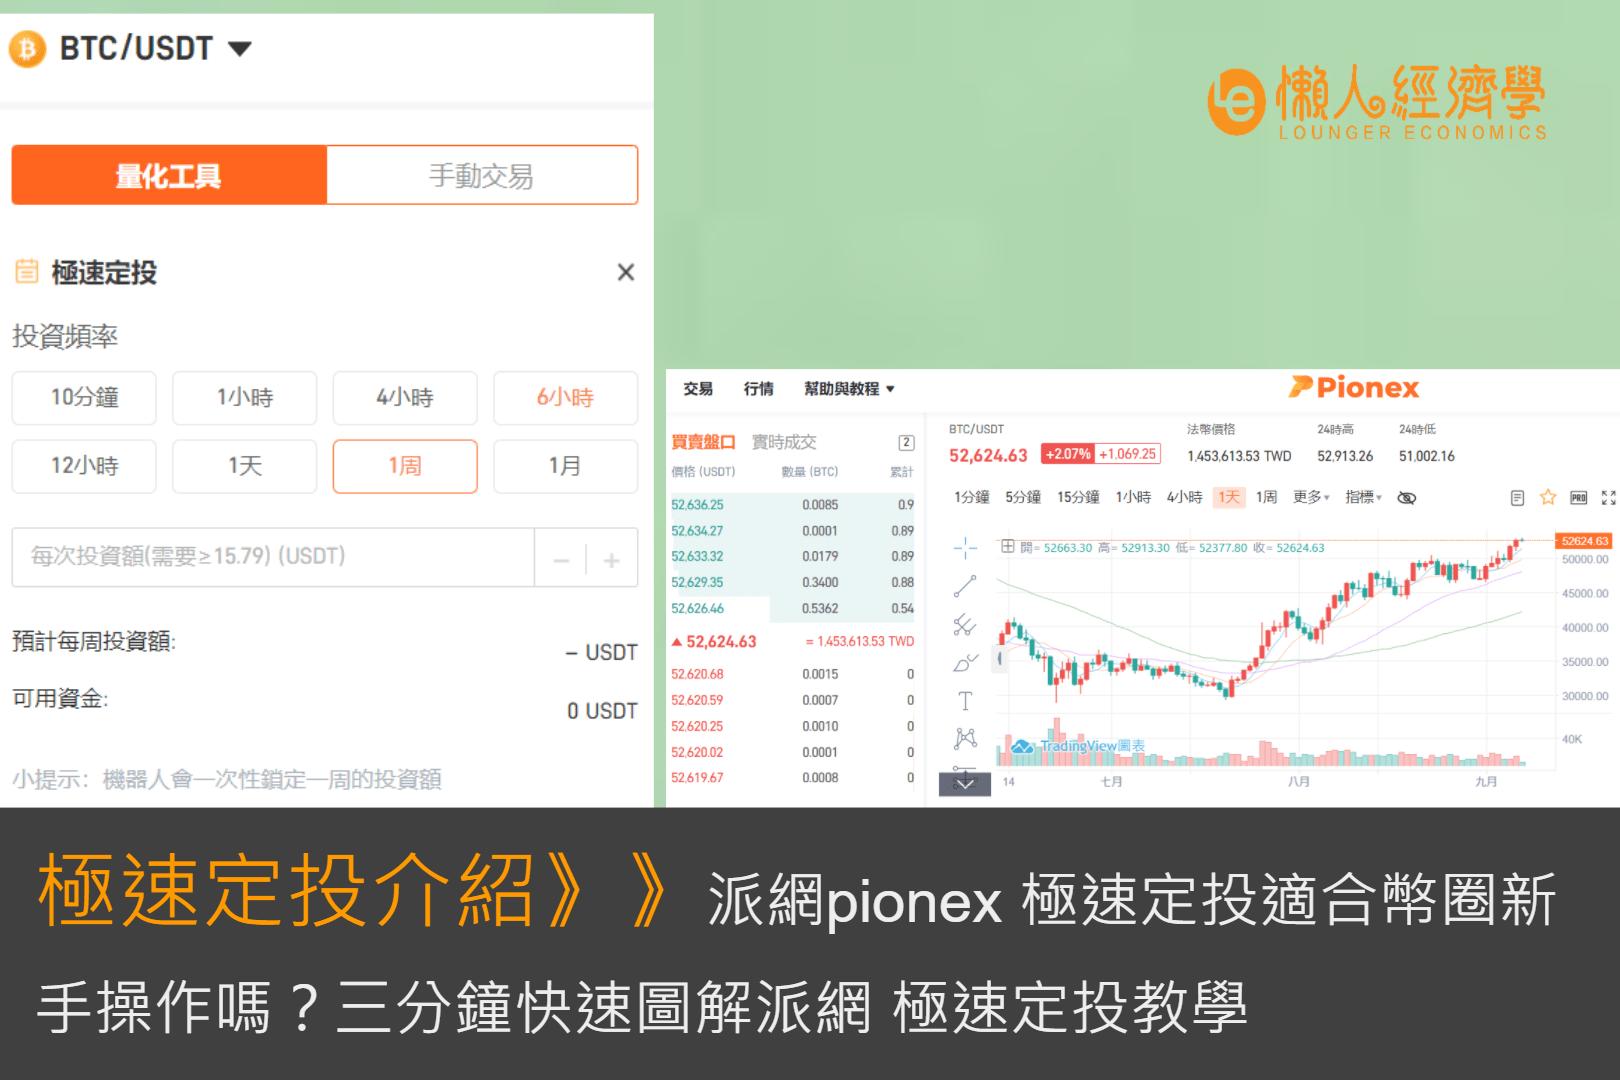 派網Pionex極速定投適合幣圈新手操作嗎?三分鐘快速圖解派網 極速定投教學